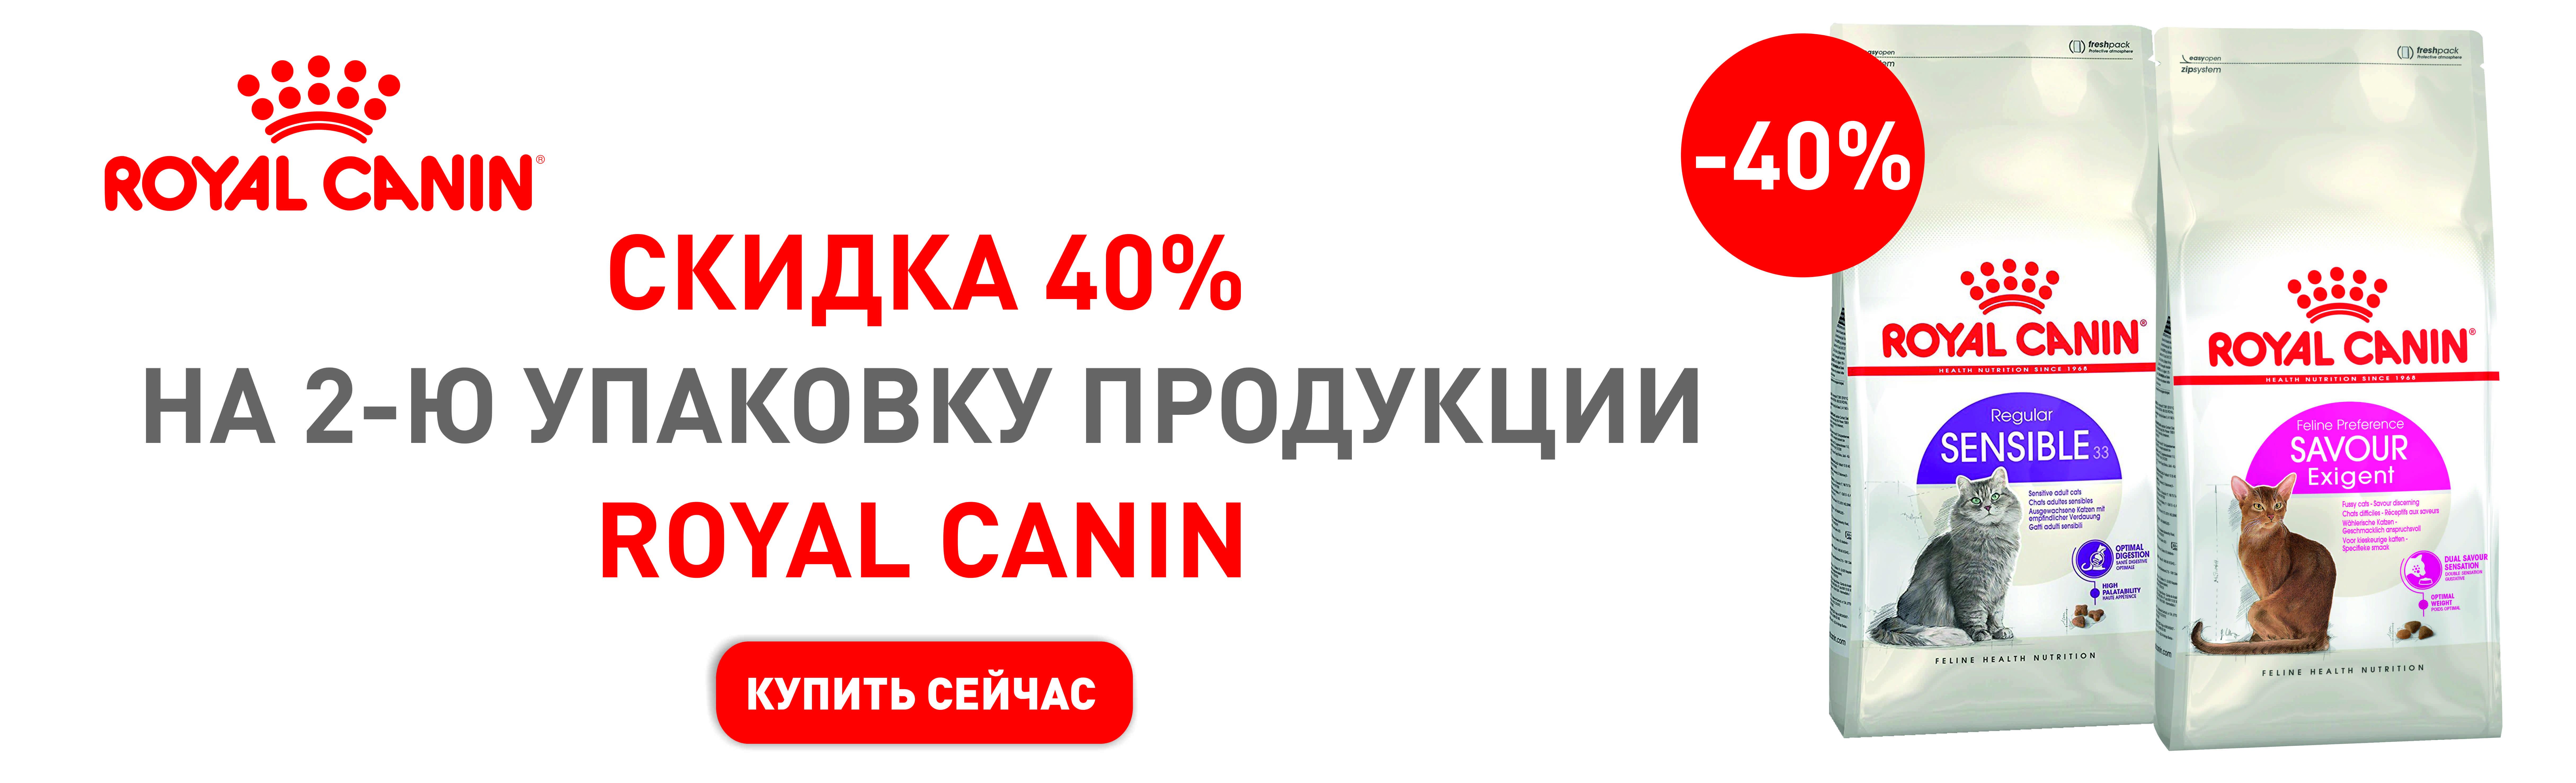 rc 40% oct 2020